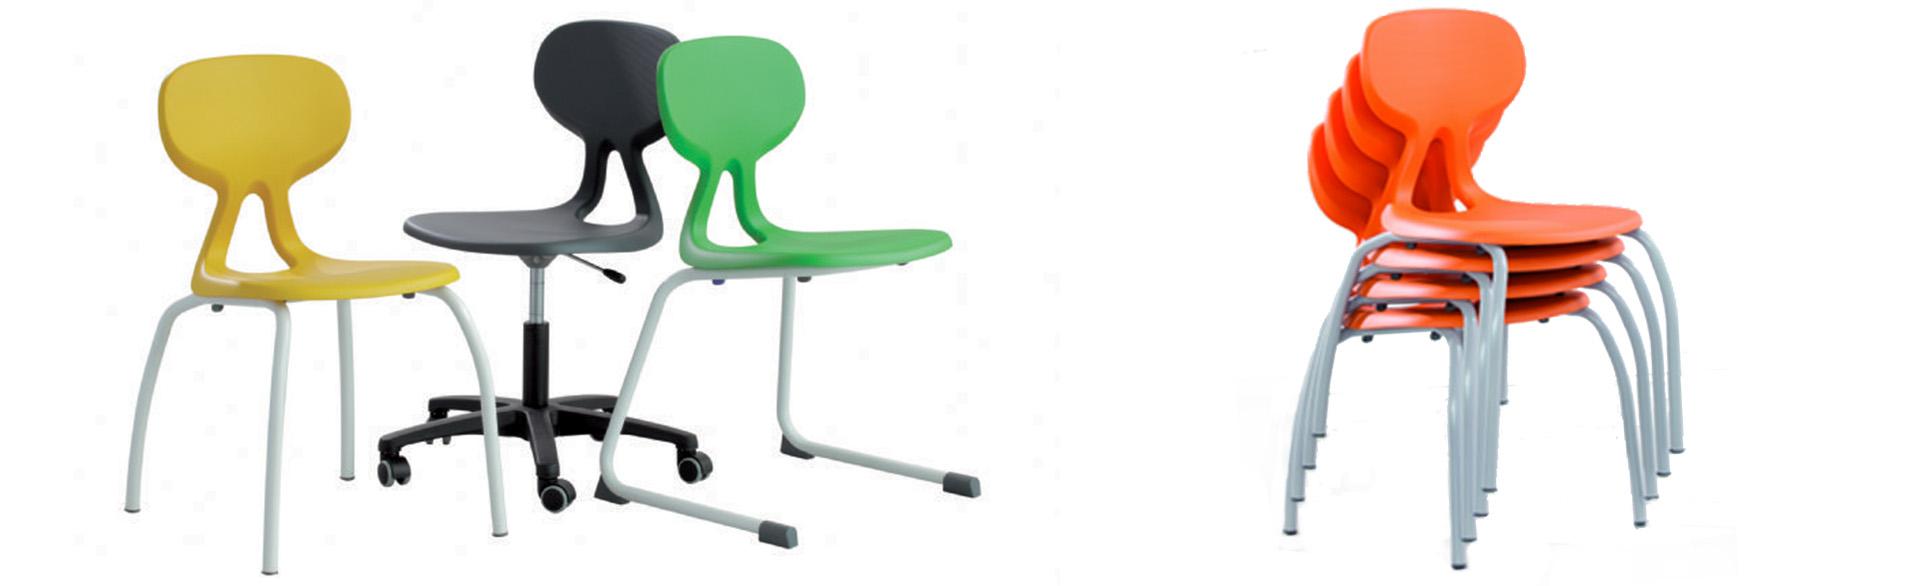 IZ stoelenserie